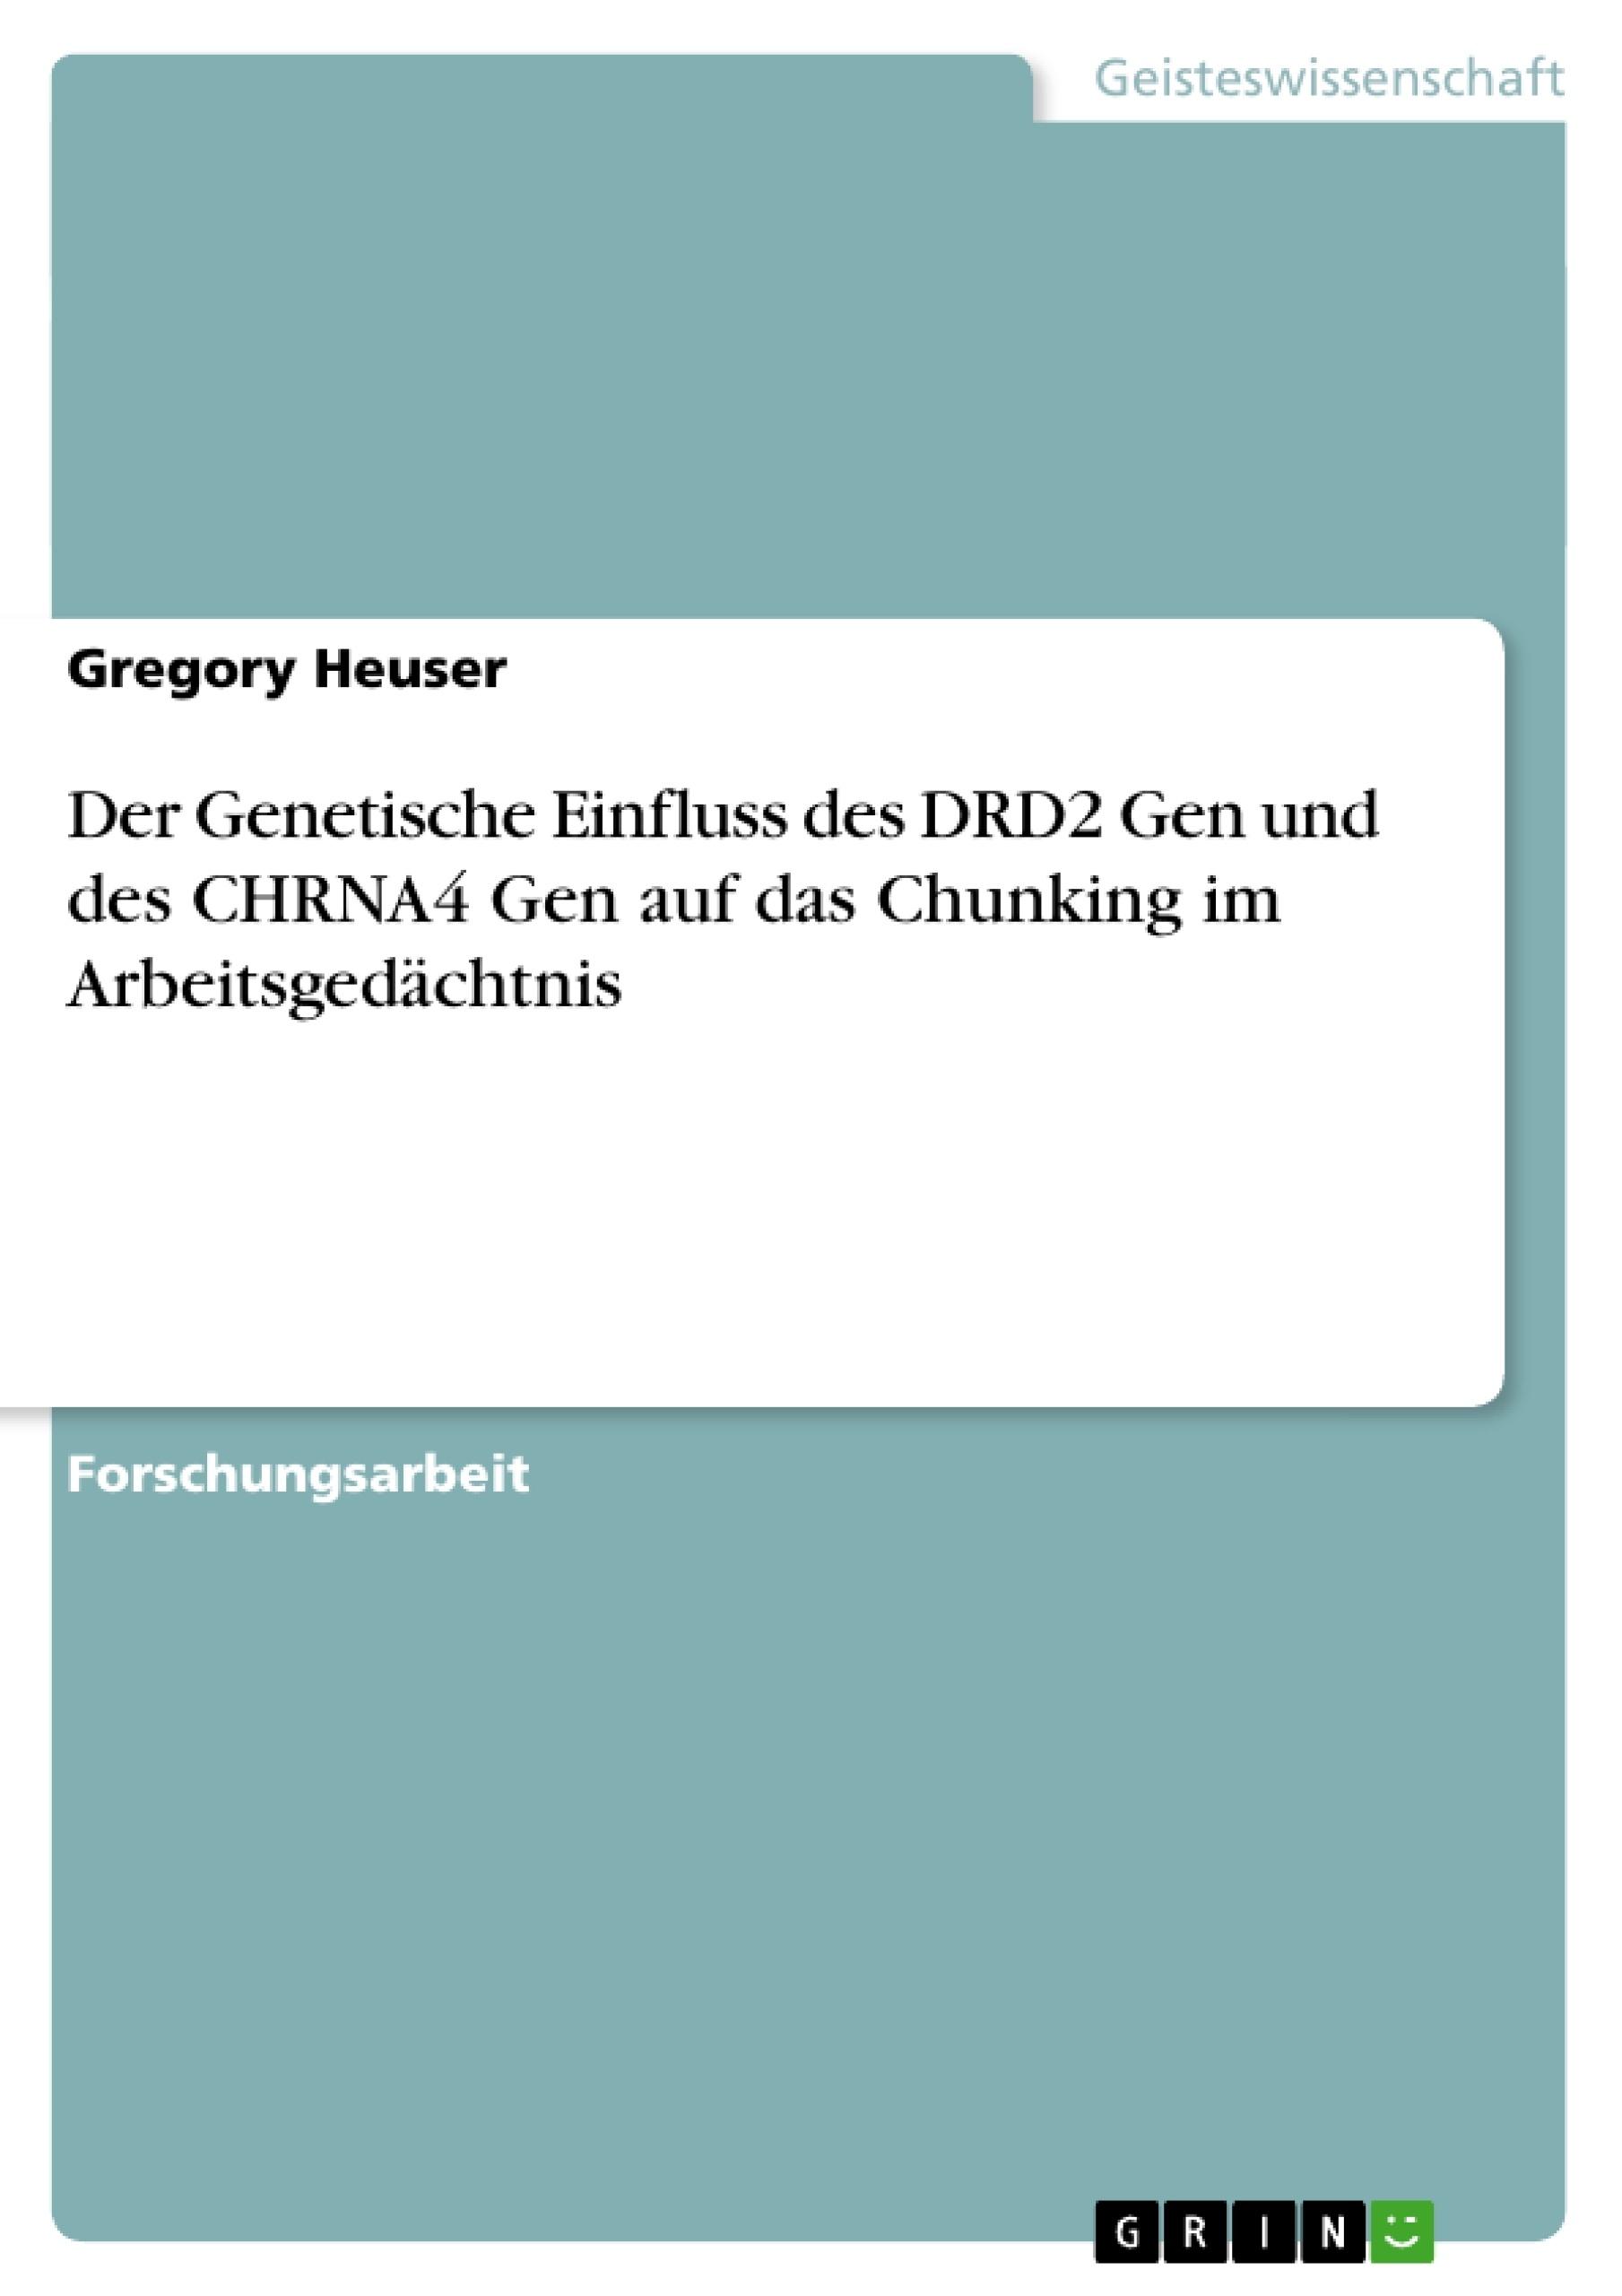 Titel: Der Genetische Einfluss des DRD2 Gen und des CHRNA4 Gen auf das Chunking im Arbeitsgedächtnis